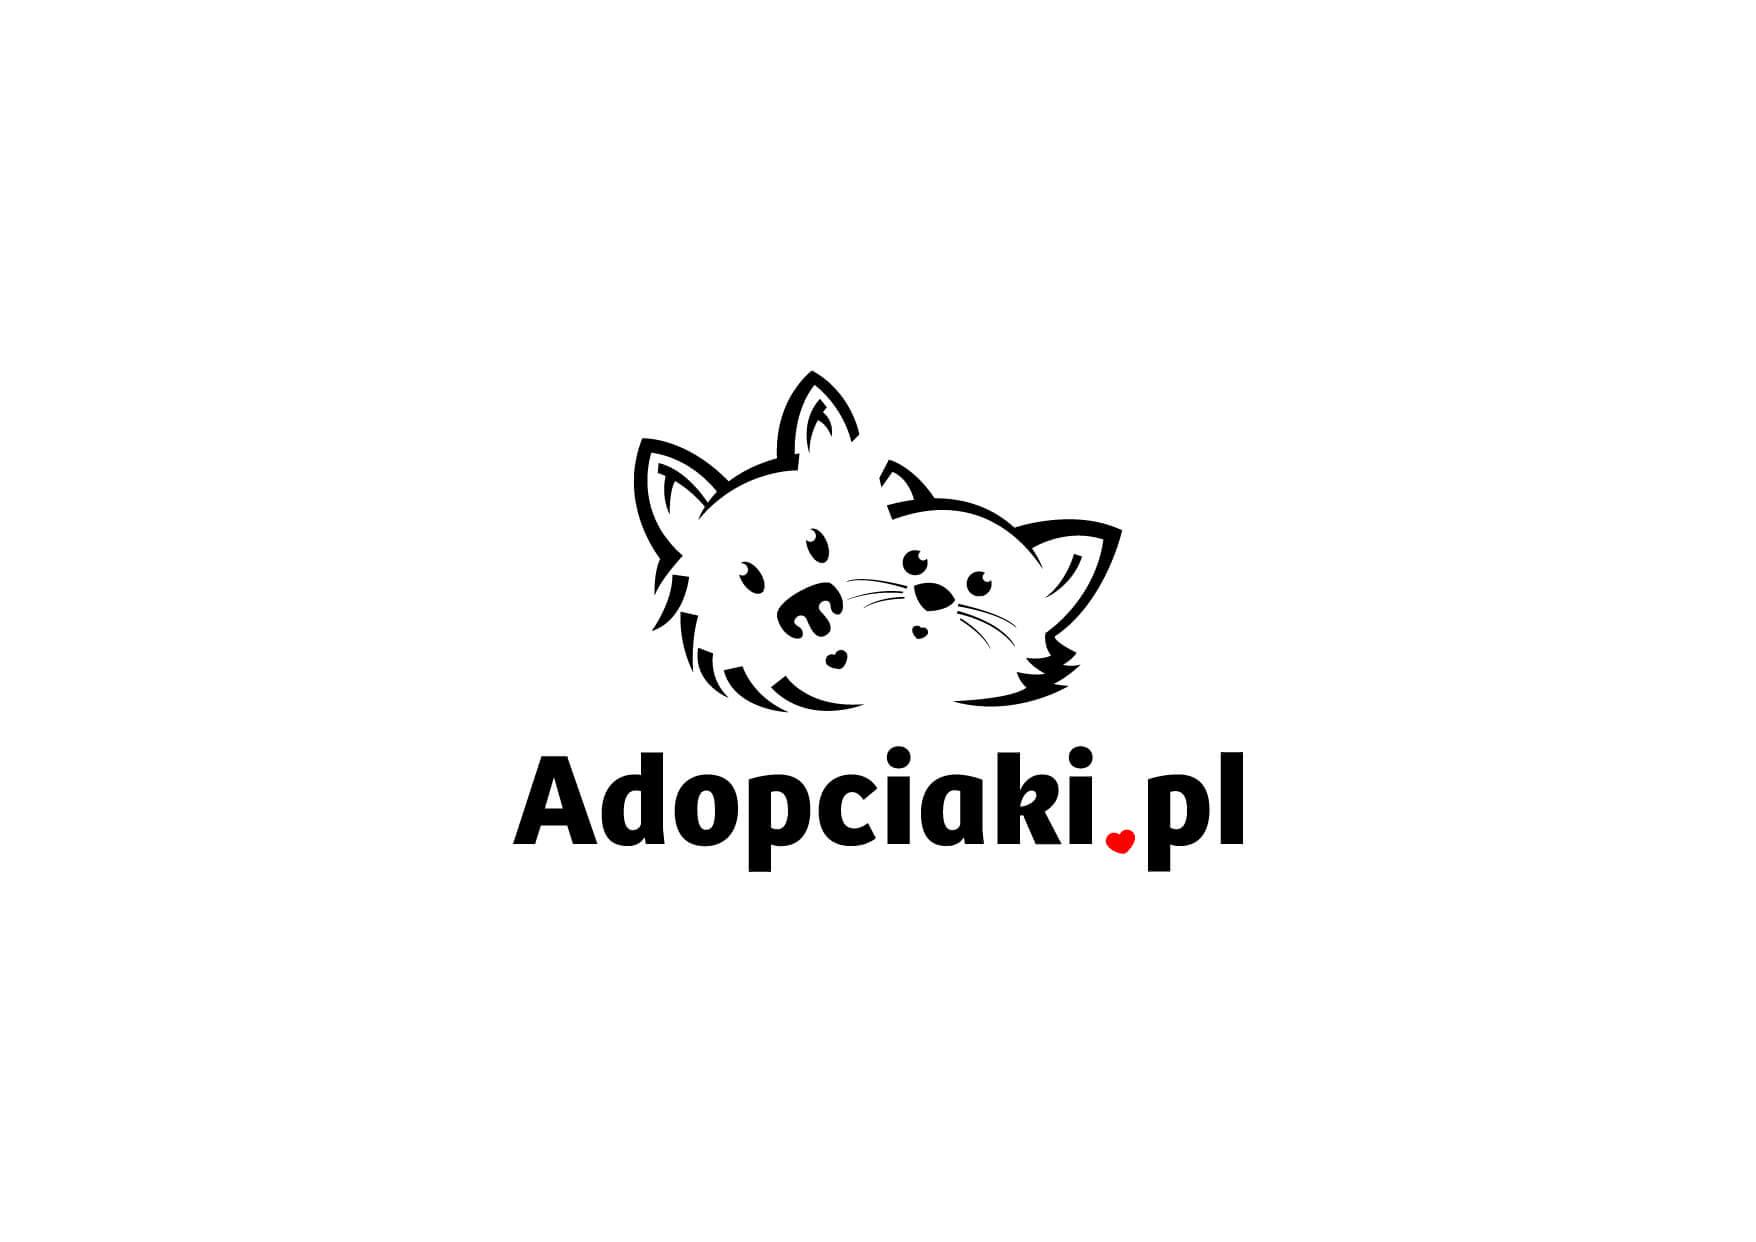 Logo Adopciaki.pl – Łęczyce